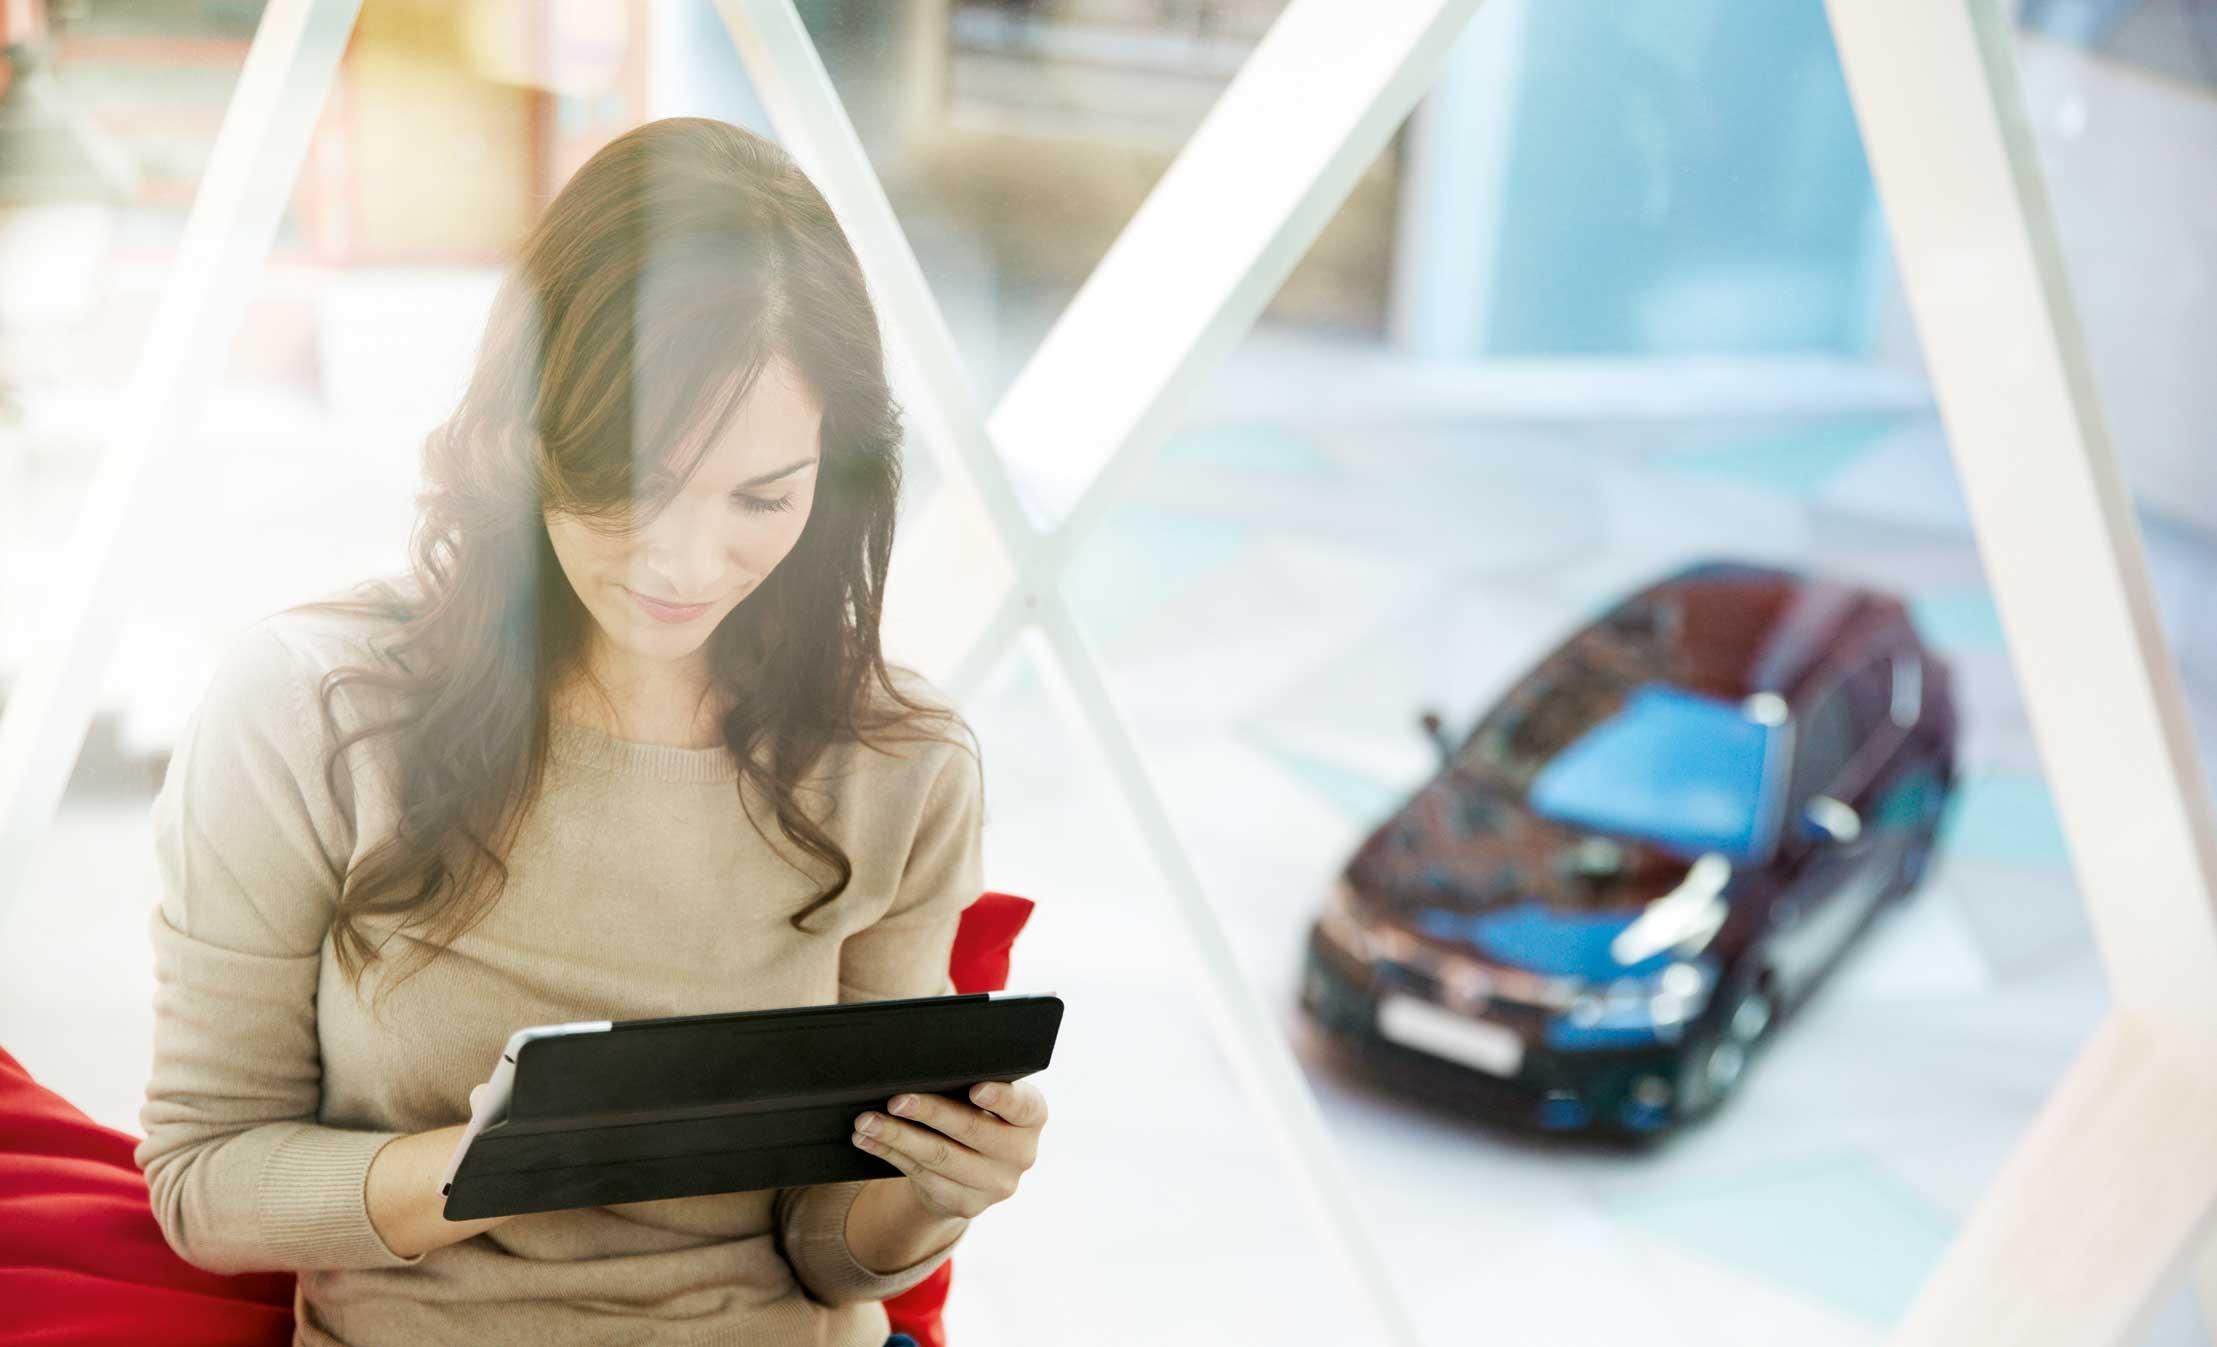 Mujer consultando tableta con Lexus aparcado en el exterior